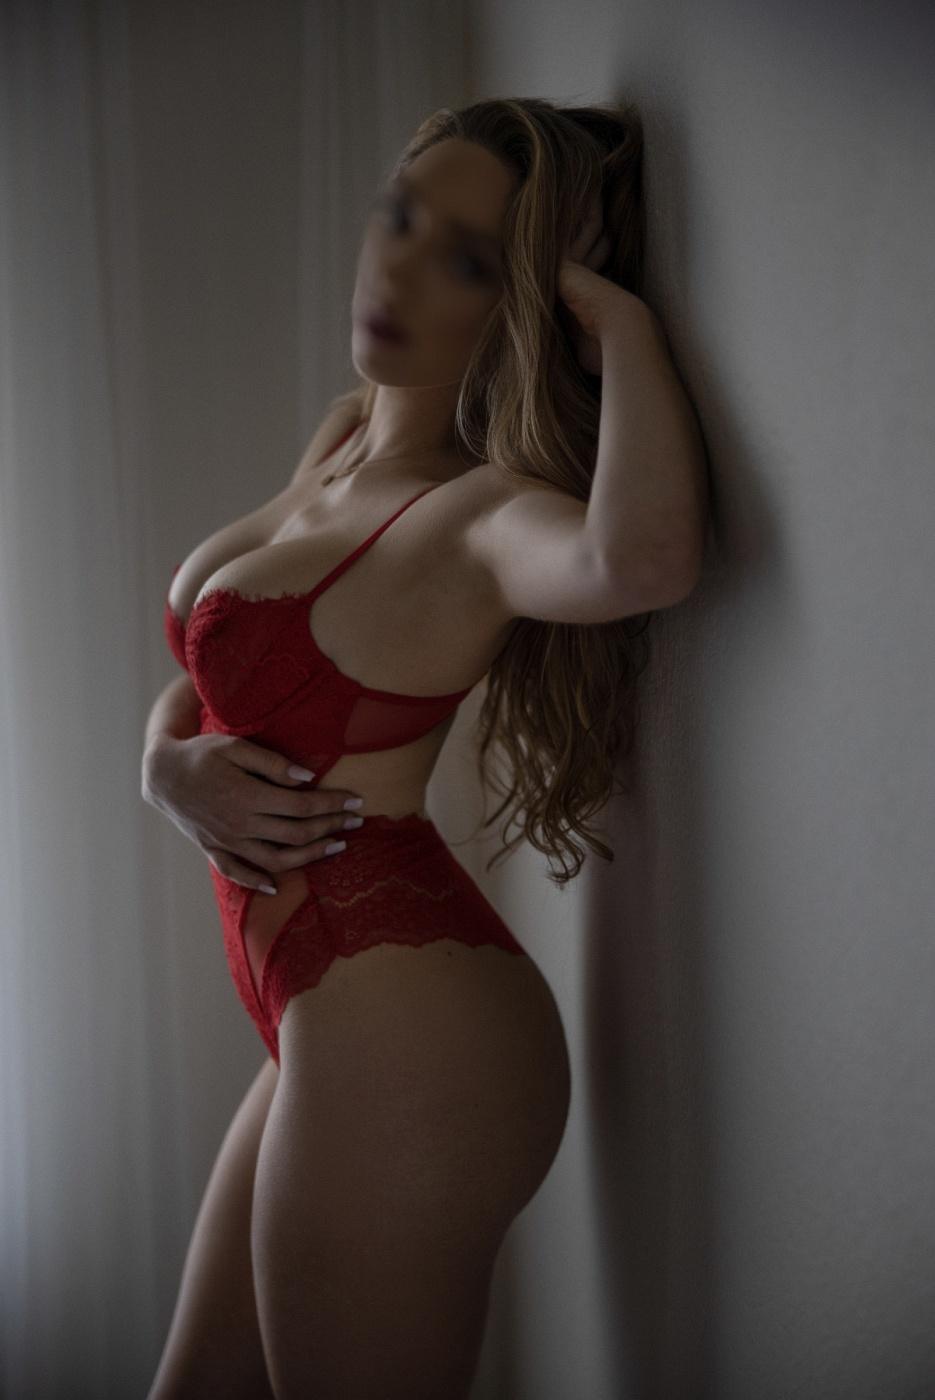 Zoey Ritz